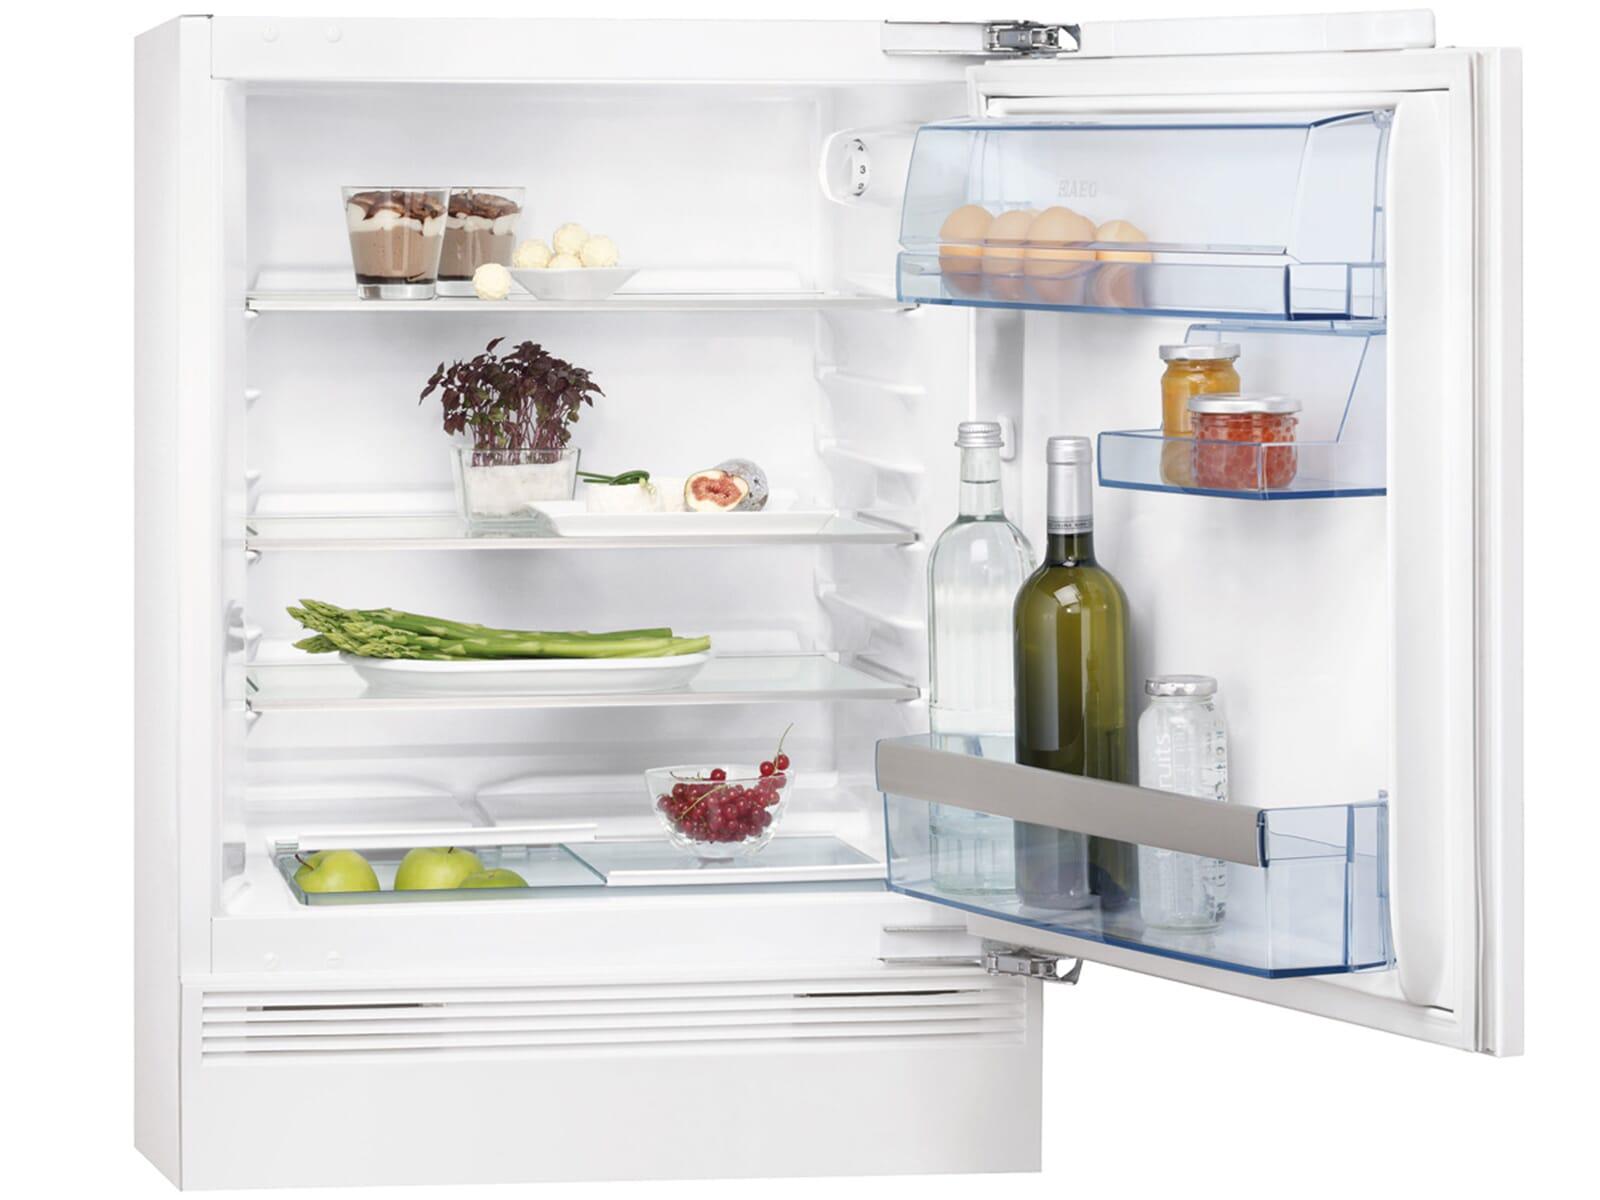 Aeg Kühlschrank Preis : Kühlschrank belüftung kühlschrank preise vergleichen und günstig